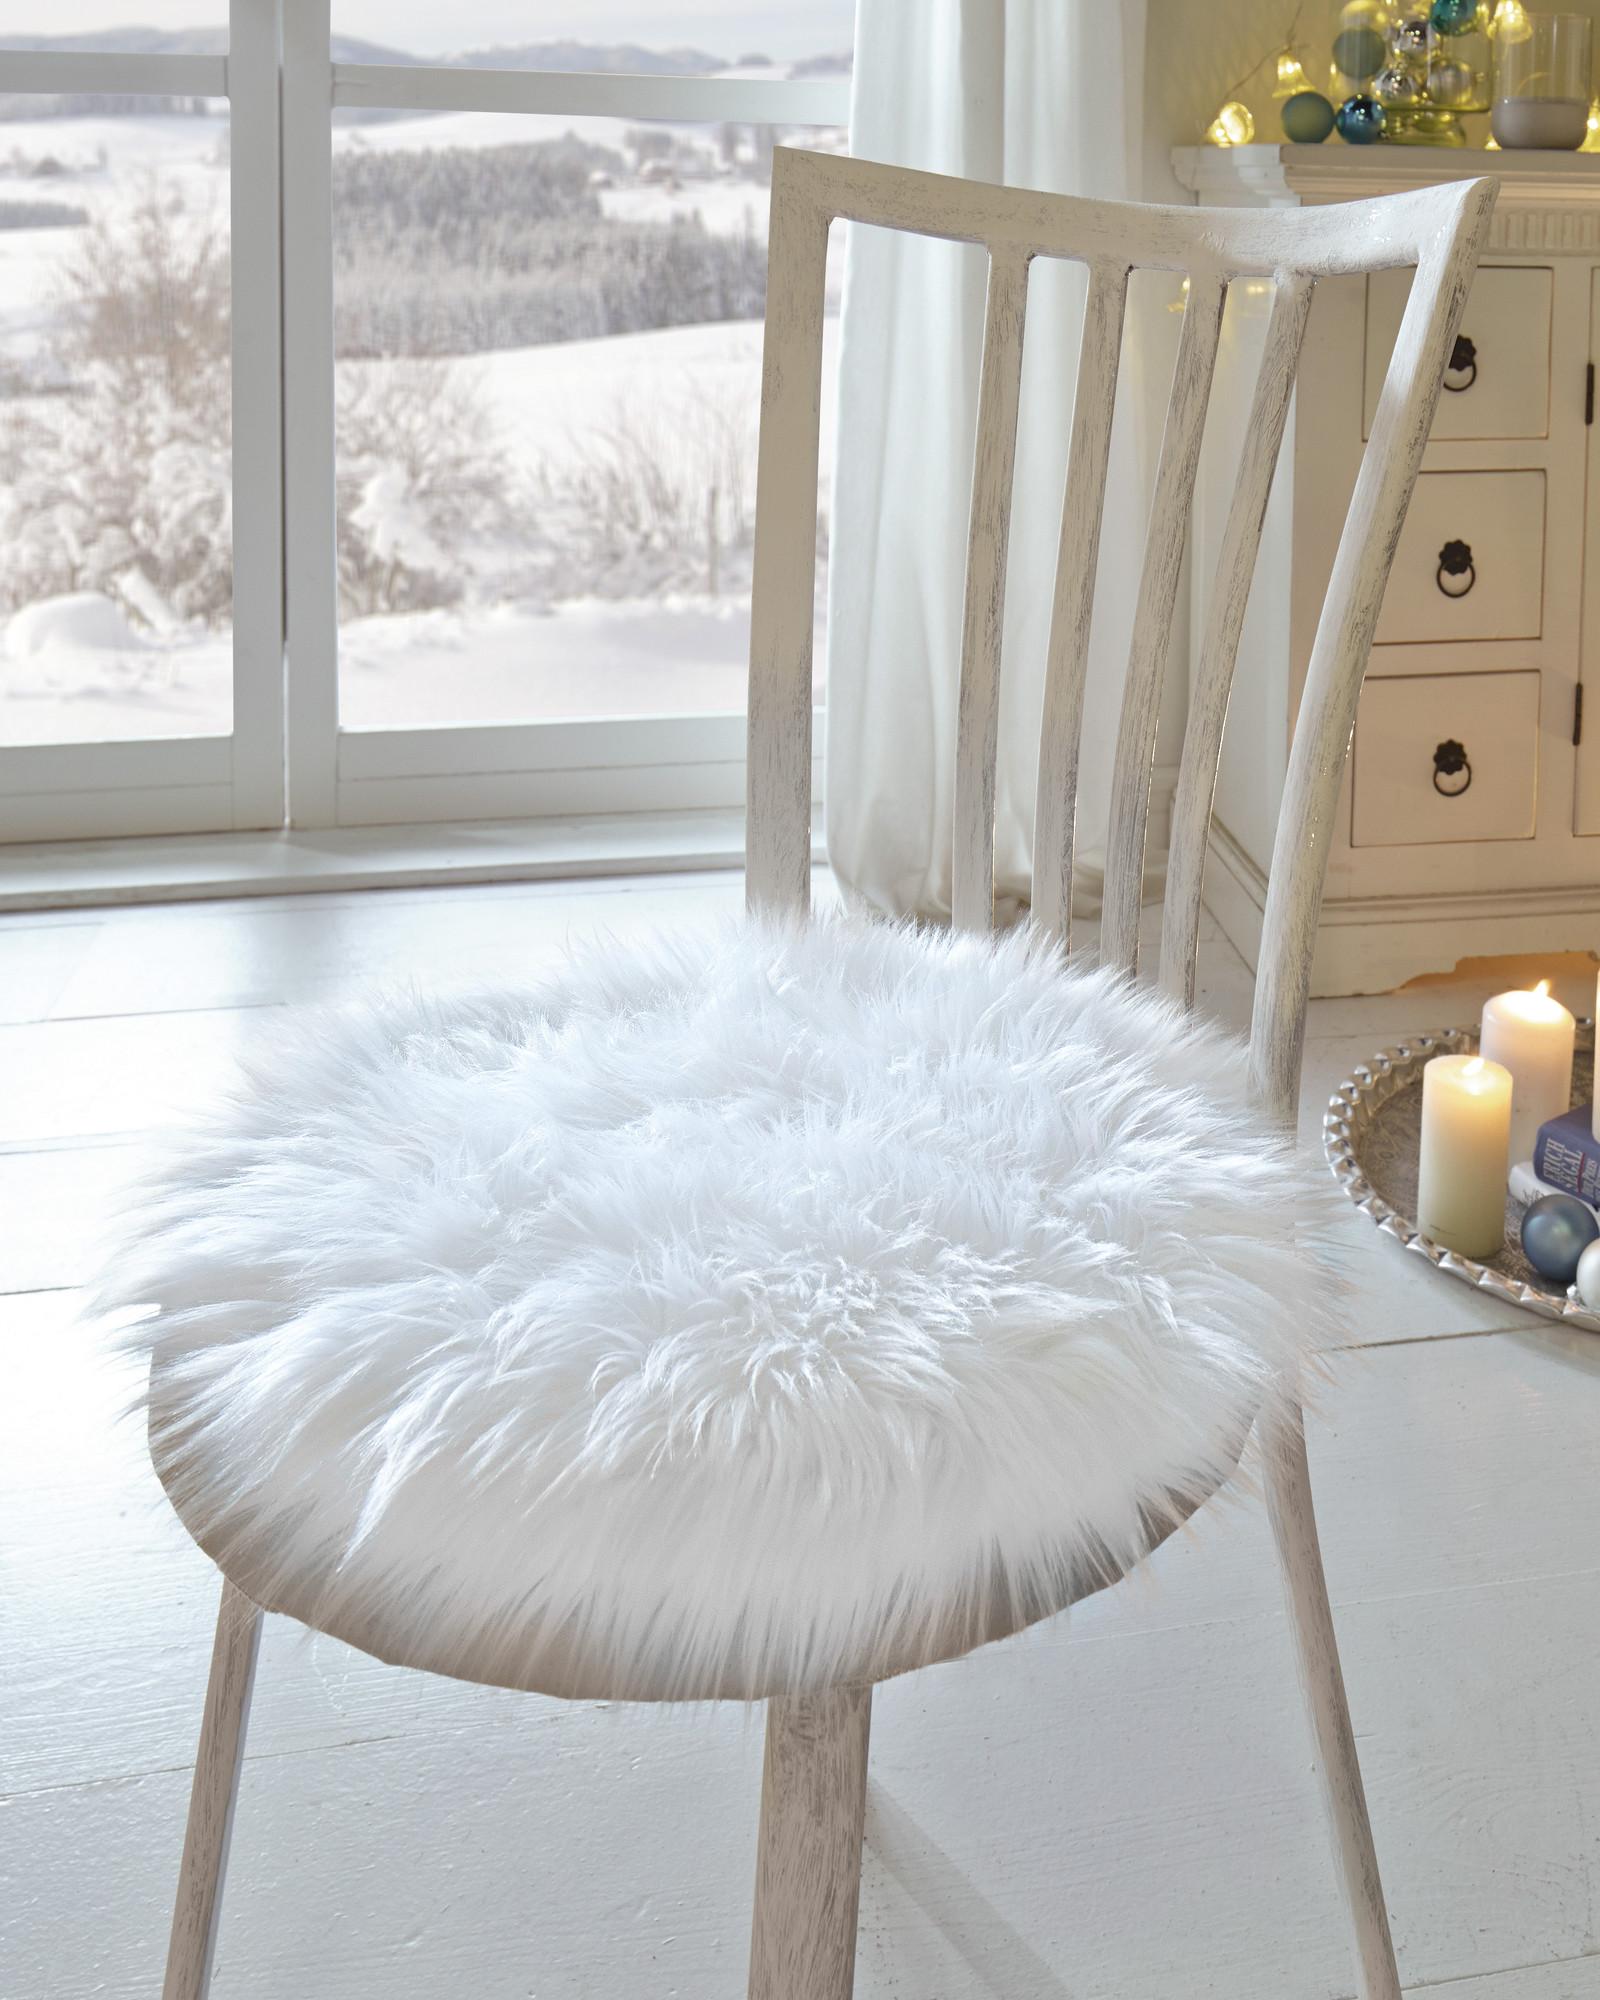 Sitz kissen felloptik in weiss 40 cm polster stuhl auflage fell deko ebay - Dekorieren mit fell ...